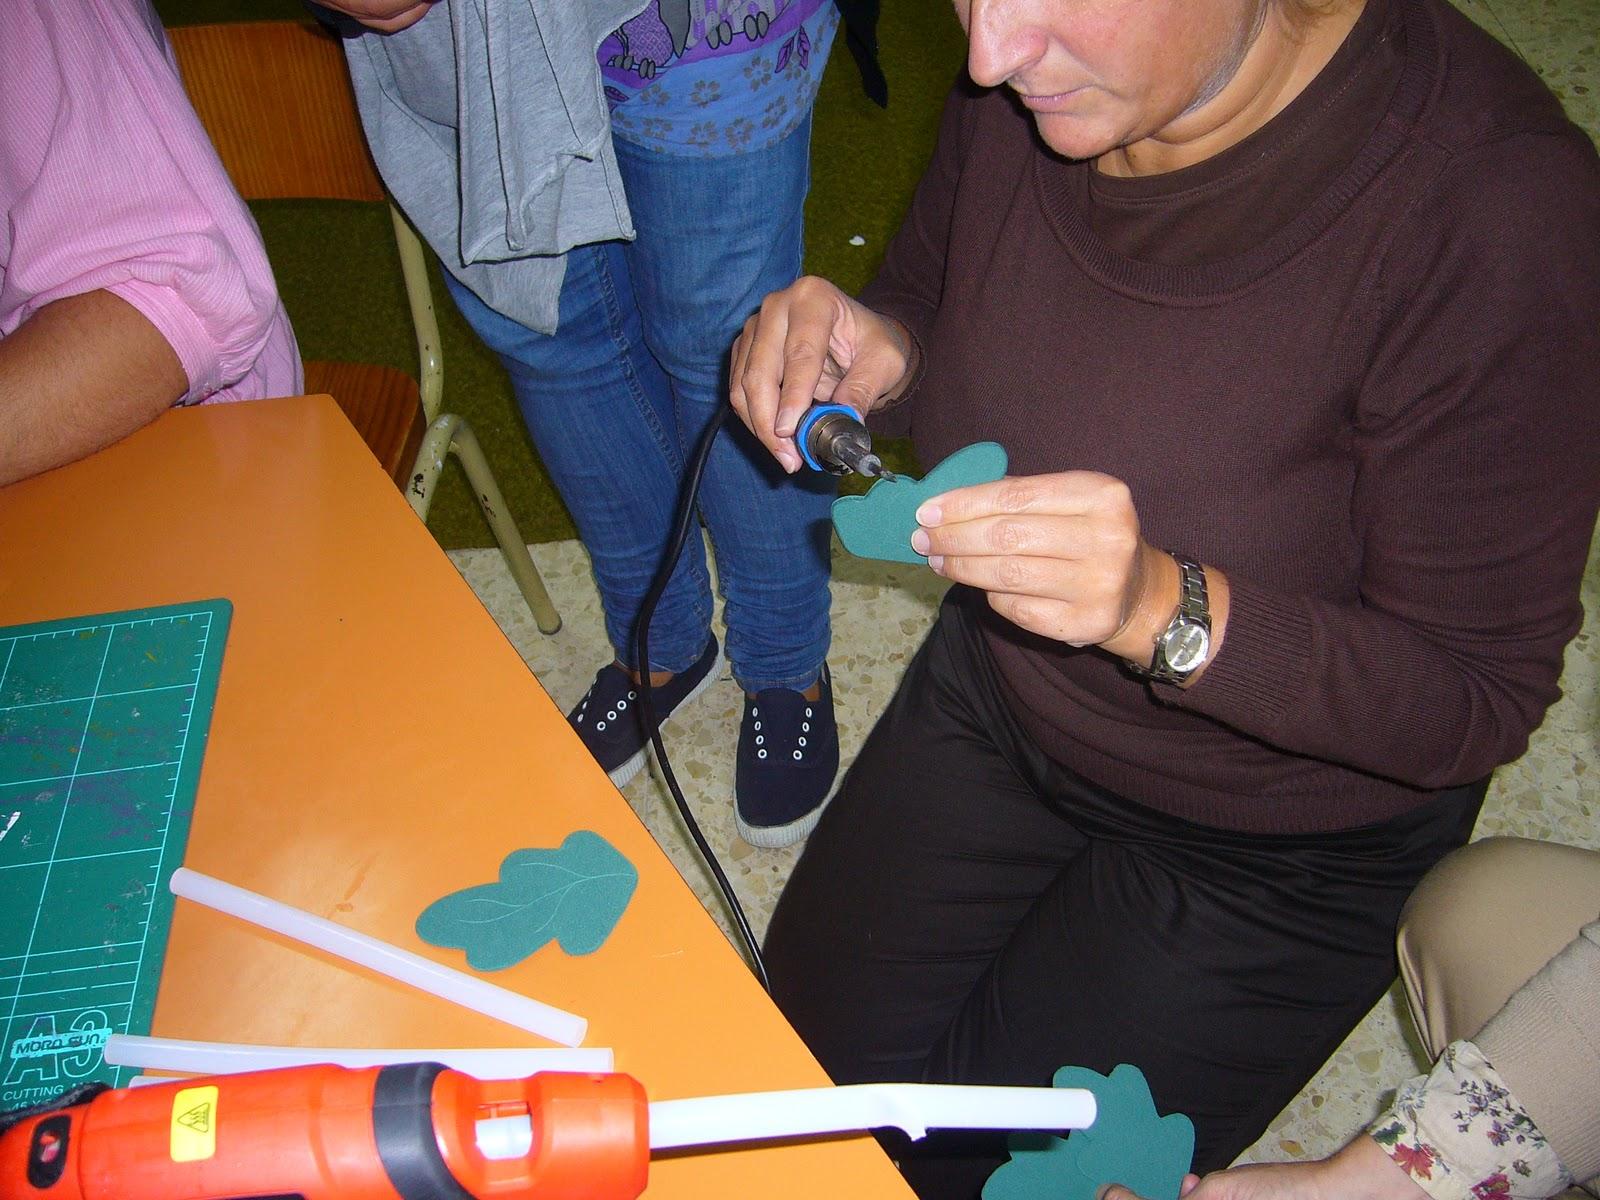 http://1.bp.blogspot.com/_UwtWR98eE-g/TKhZAgA_h-I/AAAAAAAAA-E/6XlgHq1A8lg/s1600/curso+Trabada-Lugo+009.JPG